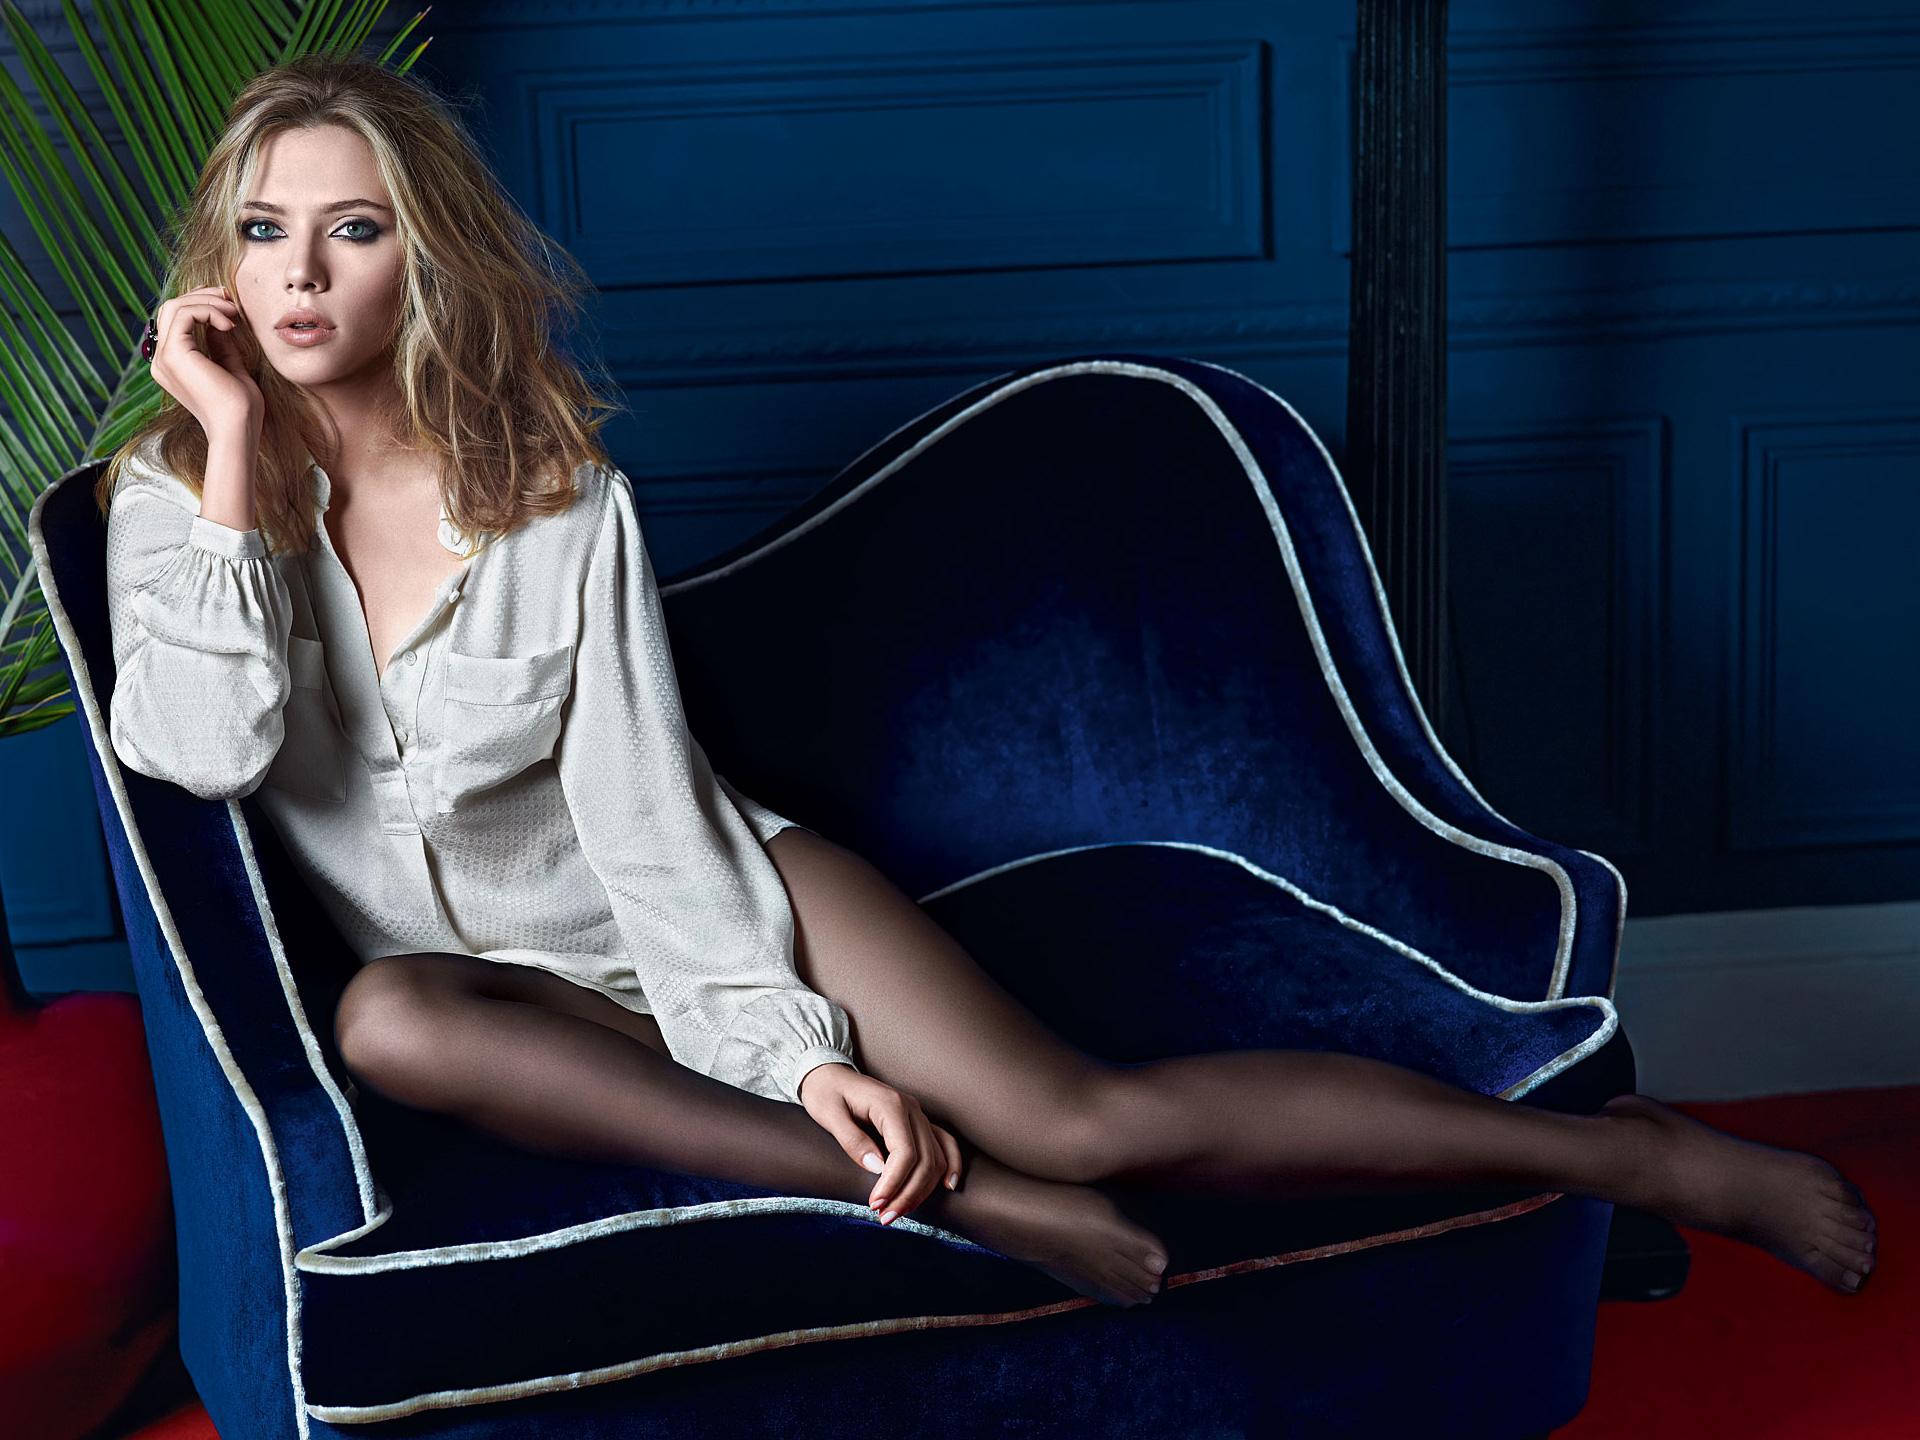 Scarlett Johansson 102 wallpaper